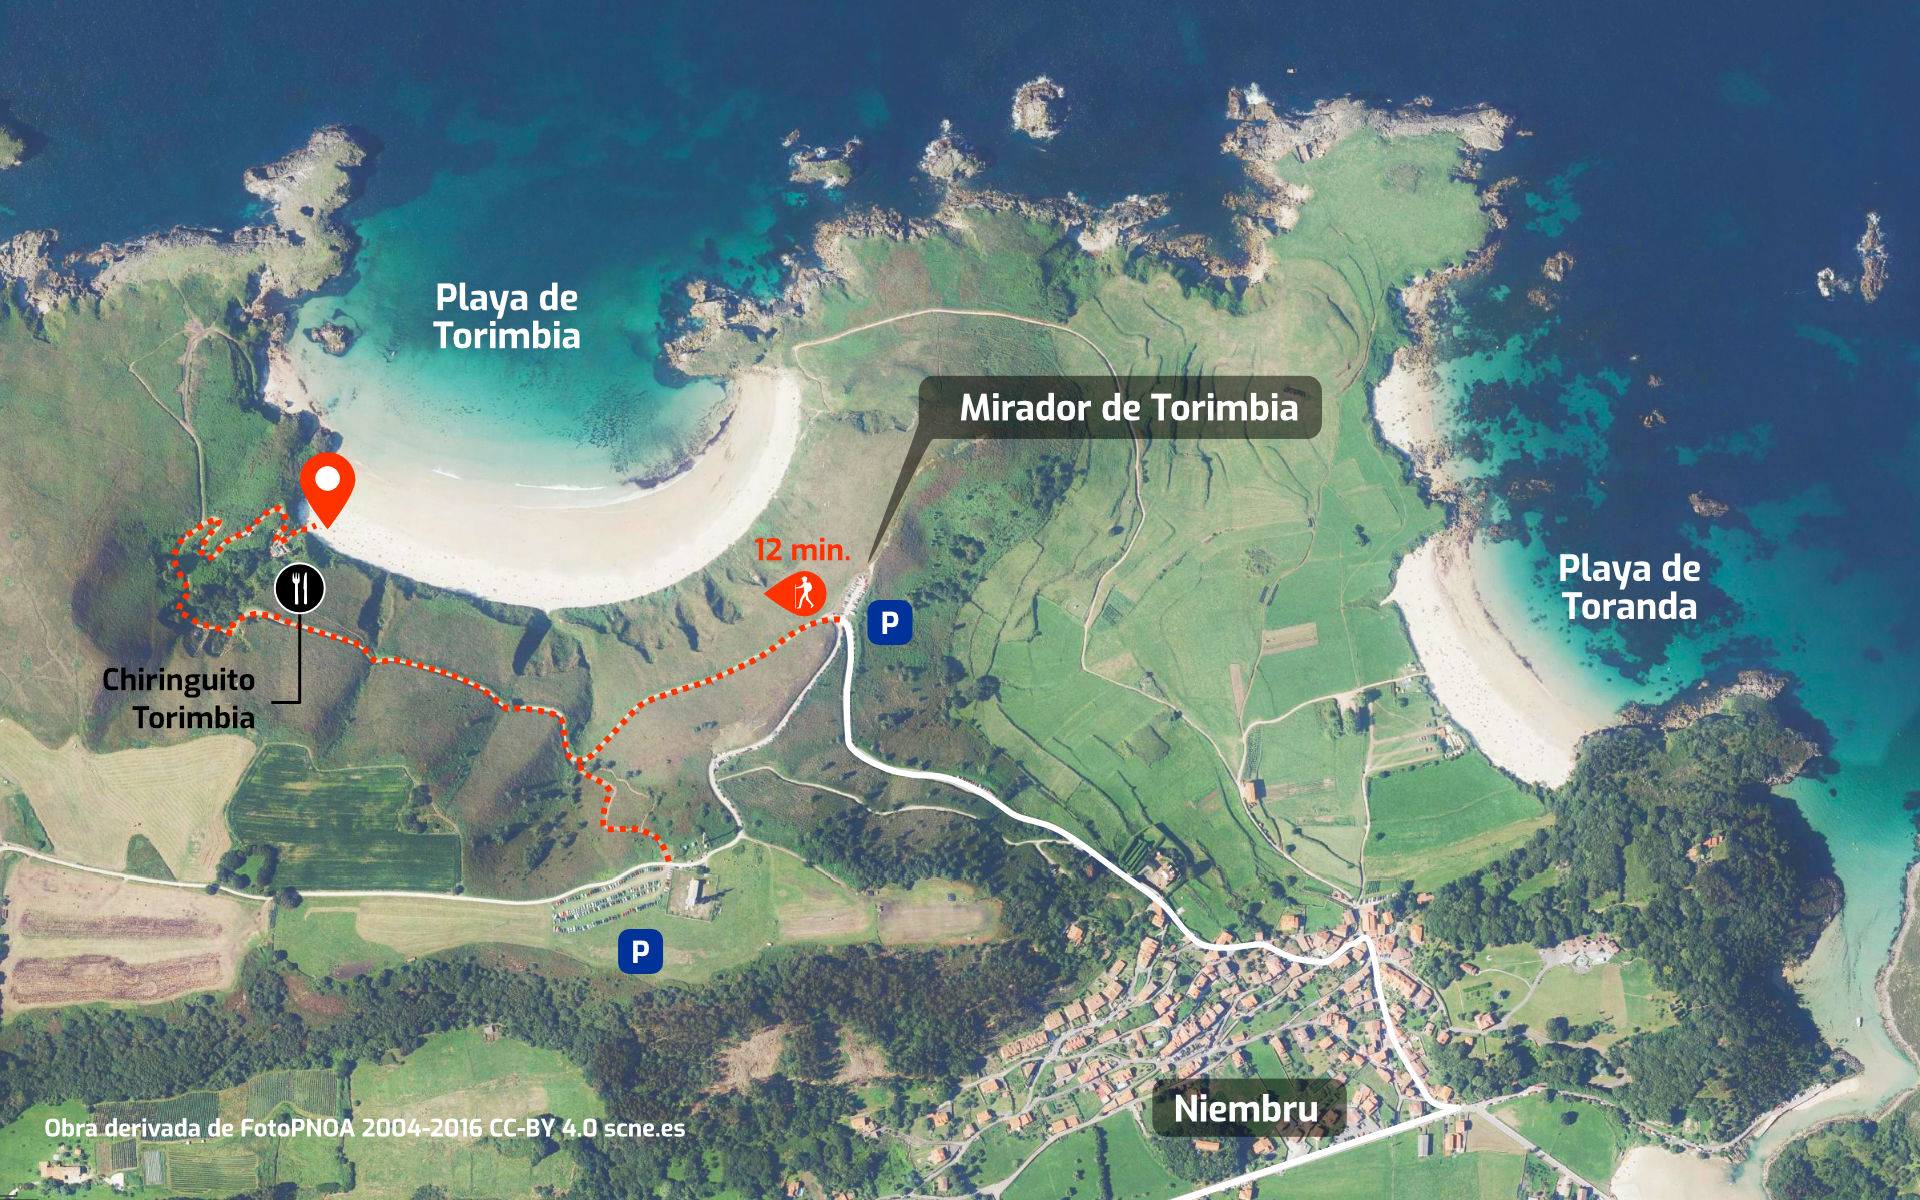 Mapa de cómo llegar a la Playa de Torimbia, en Niembro, Llanes, Asturias